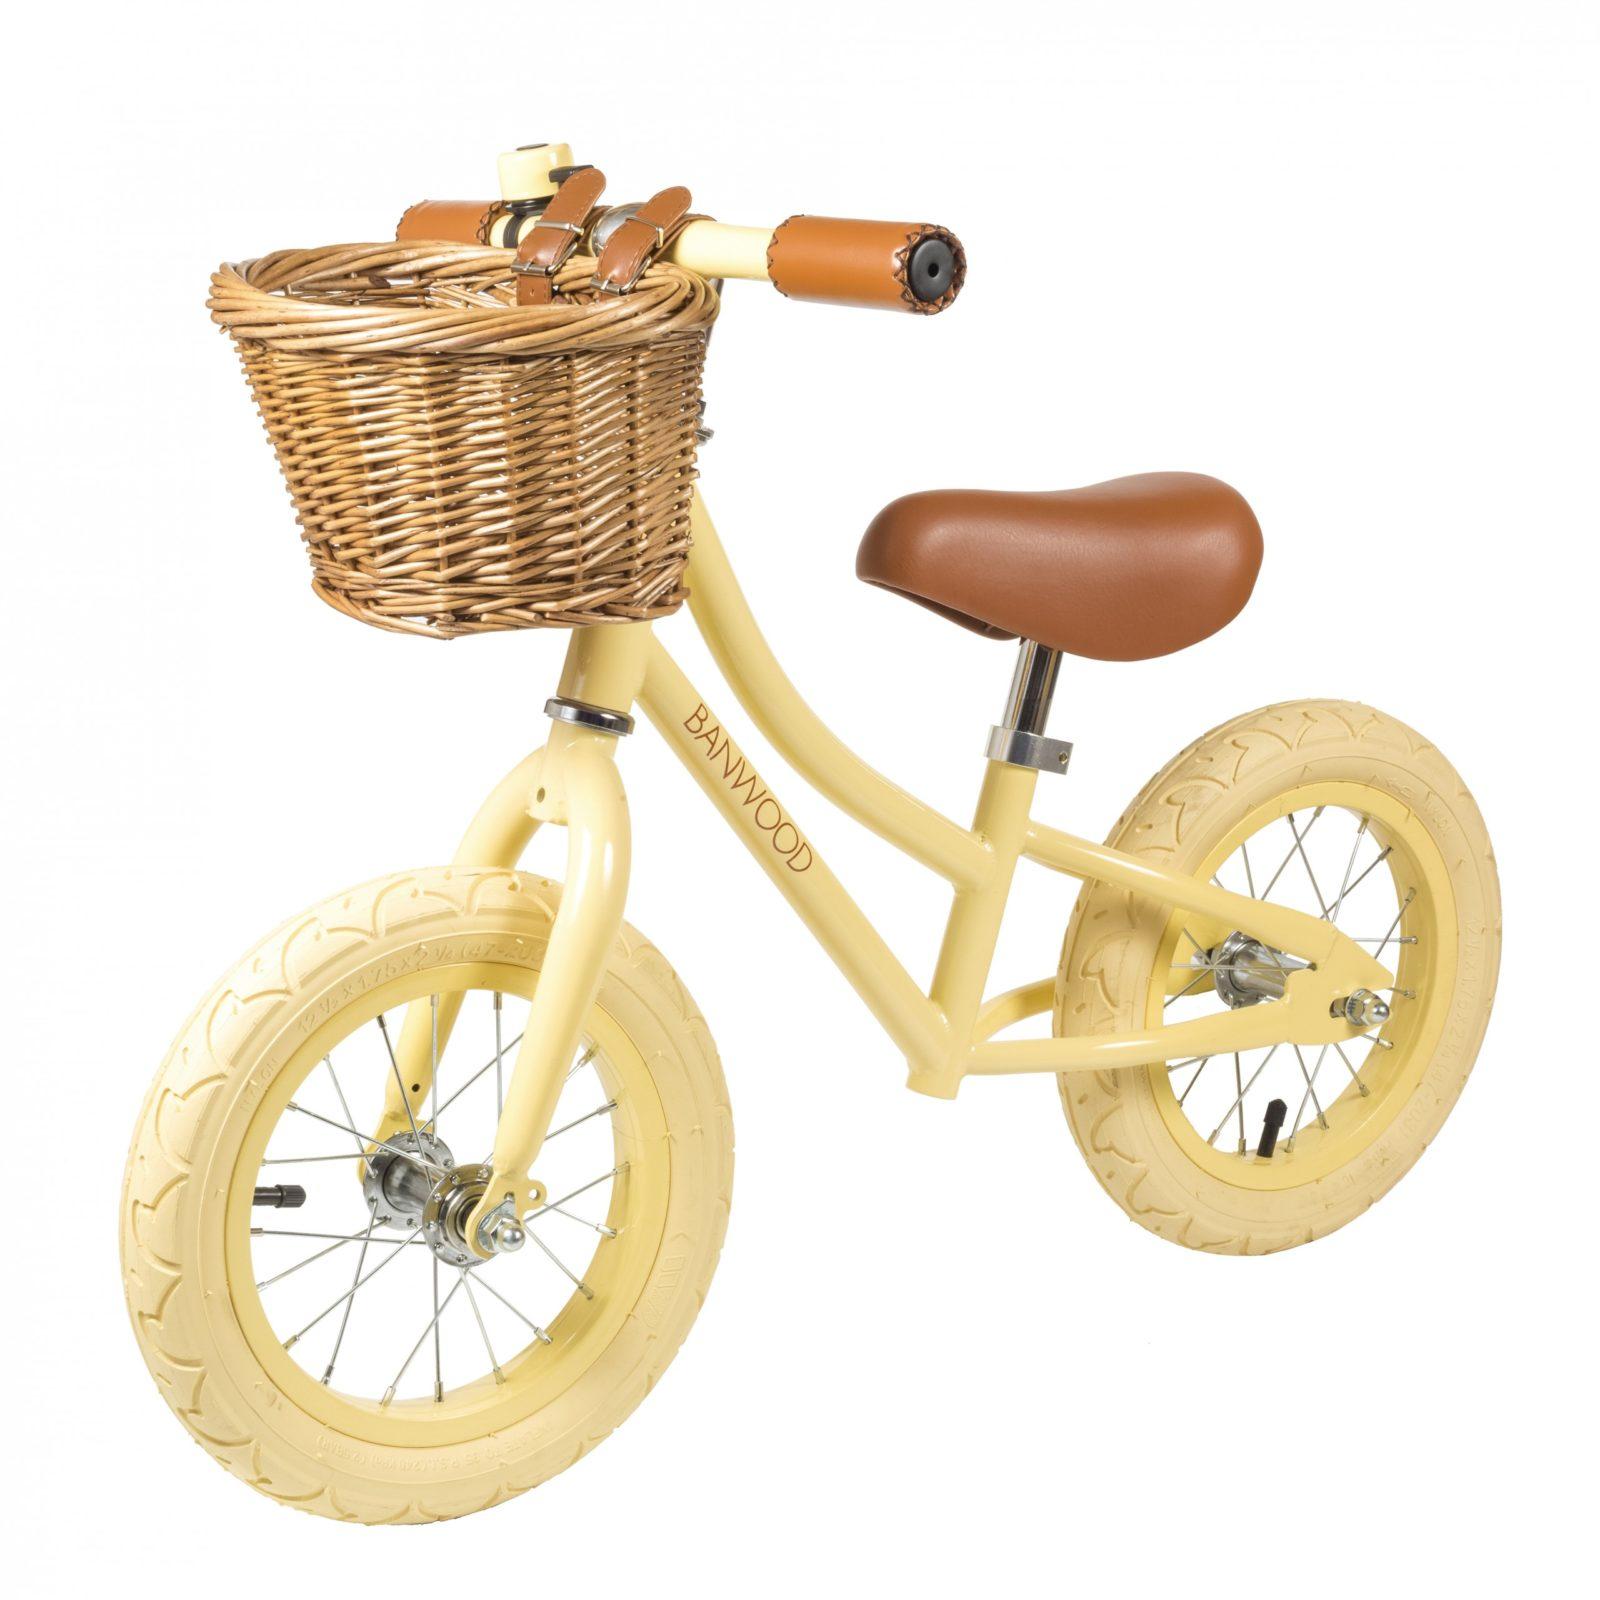 Die auffälligen Laufräder im coolen Vintage-Look von Banwood sind der Star auf dem Spielplatz – zum Beispiel im All-Over-Look in zartem Hellgelb gehalten. Ab 149 Euro. www.banwood.com